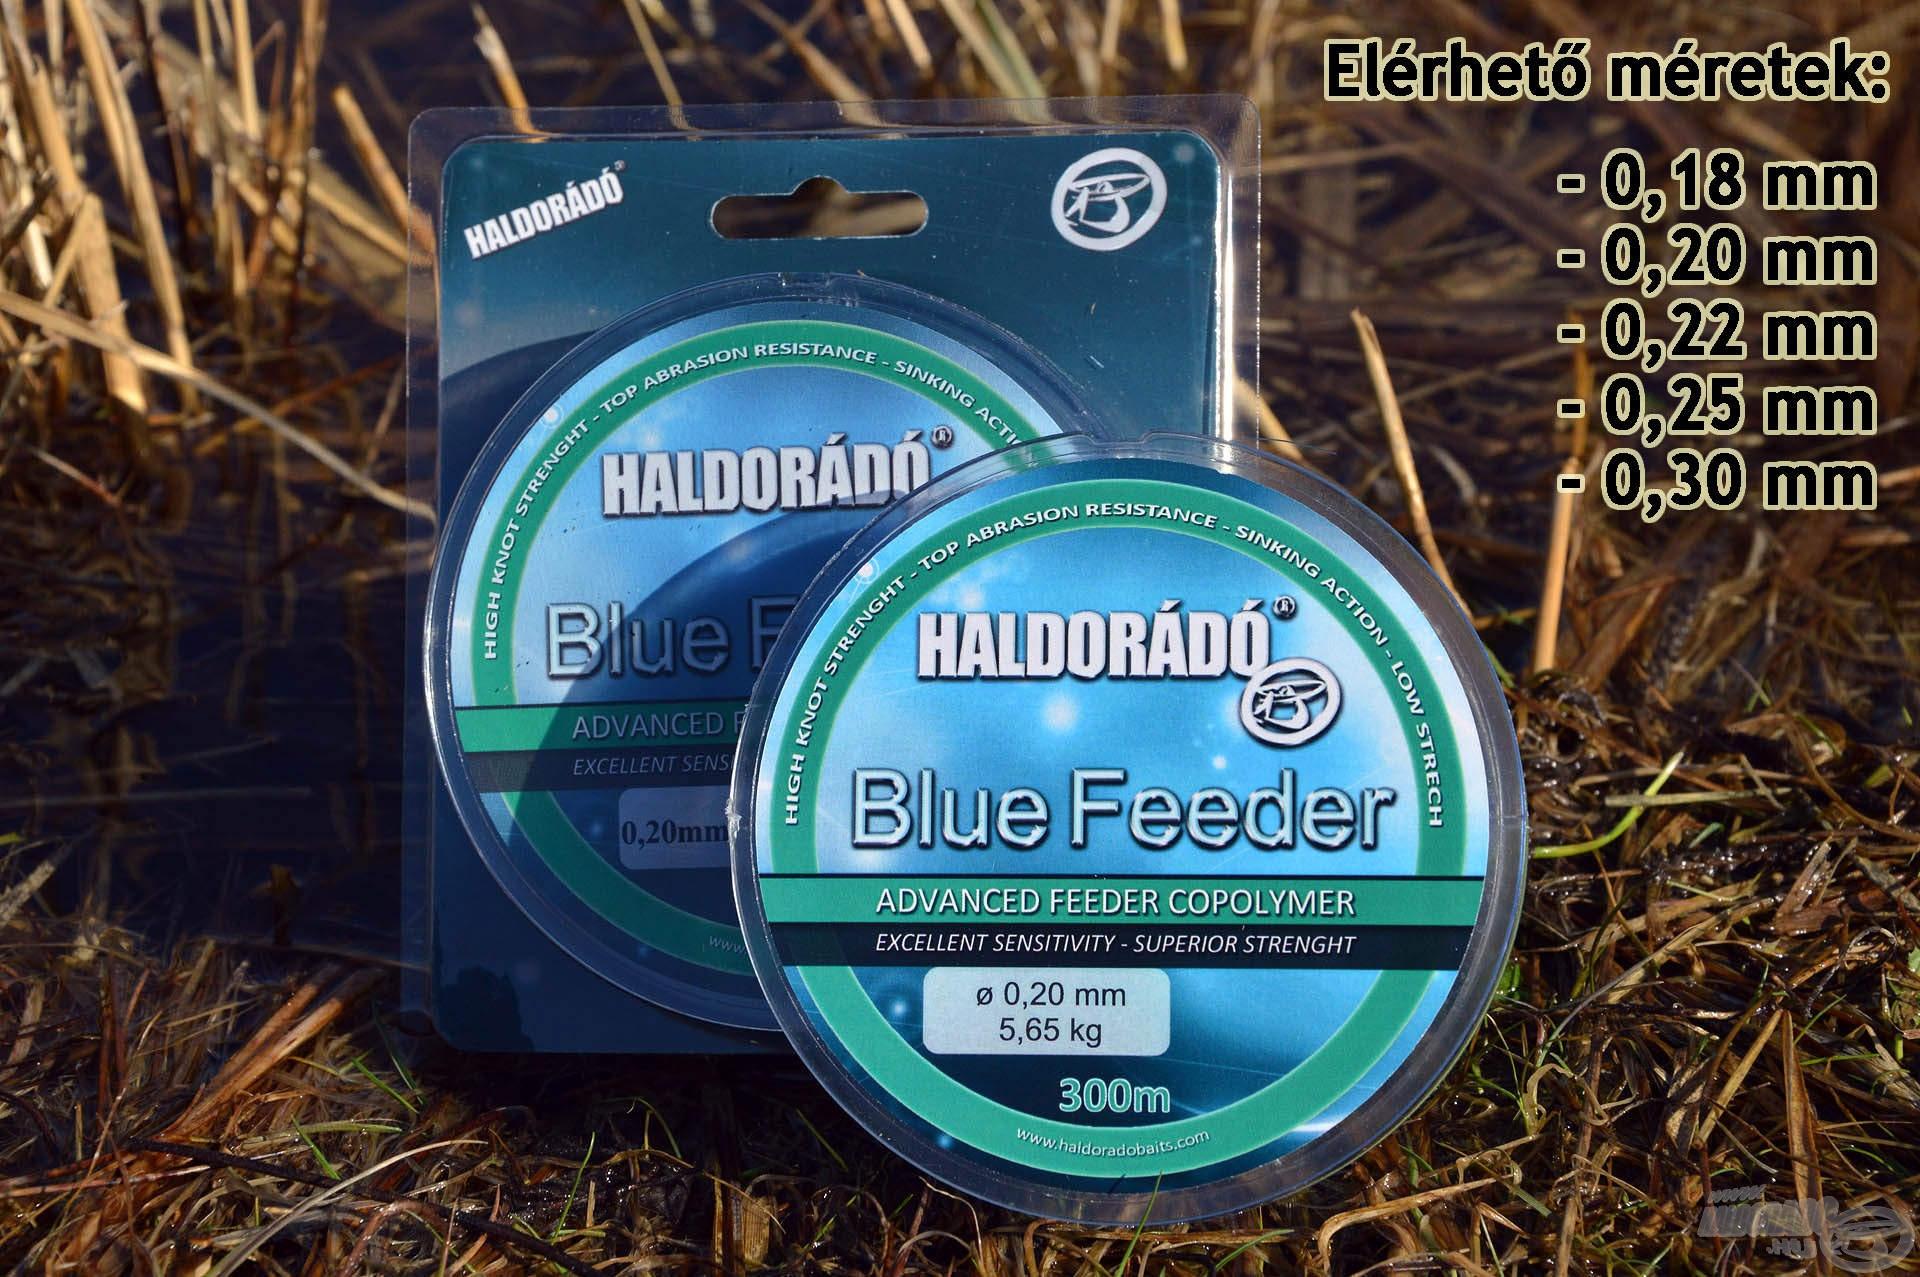 A Blue Feeder zsinórcsalád 5 népszerű méretben kerül forgalomba